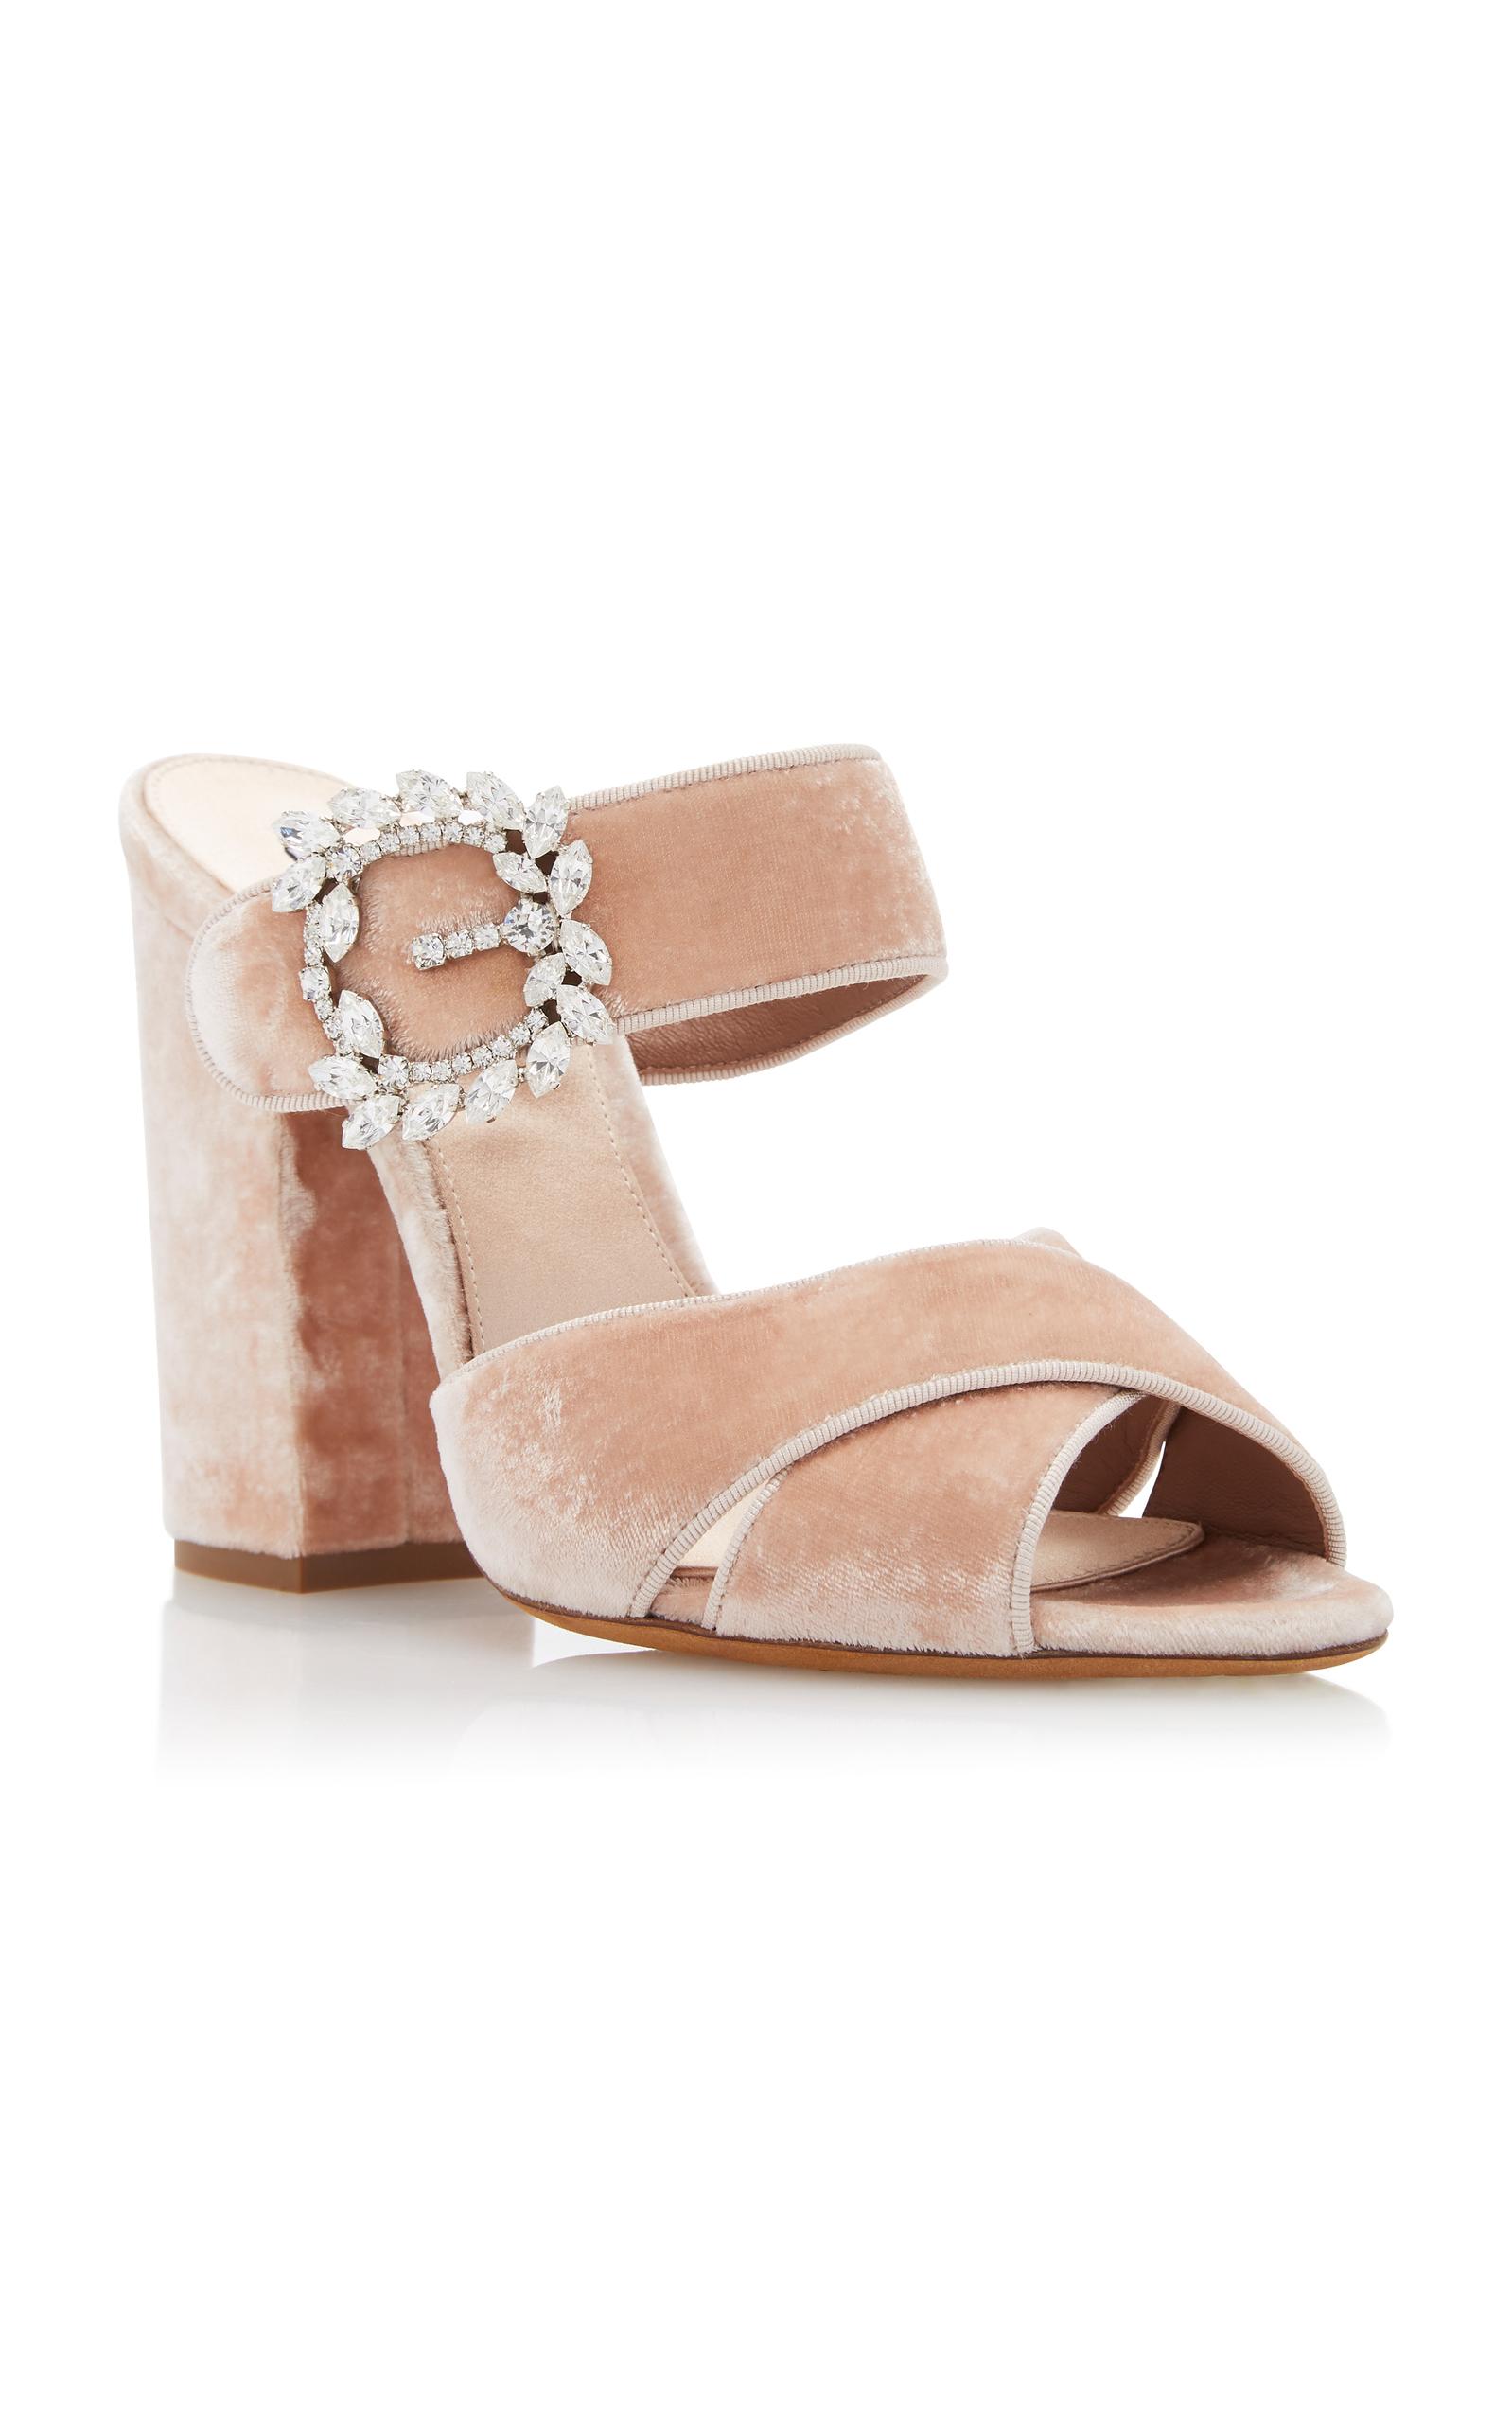 Tabitha Simmons Reyner Embellished Velvet Sandals 1fe1a4yo